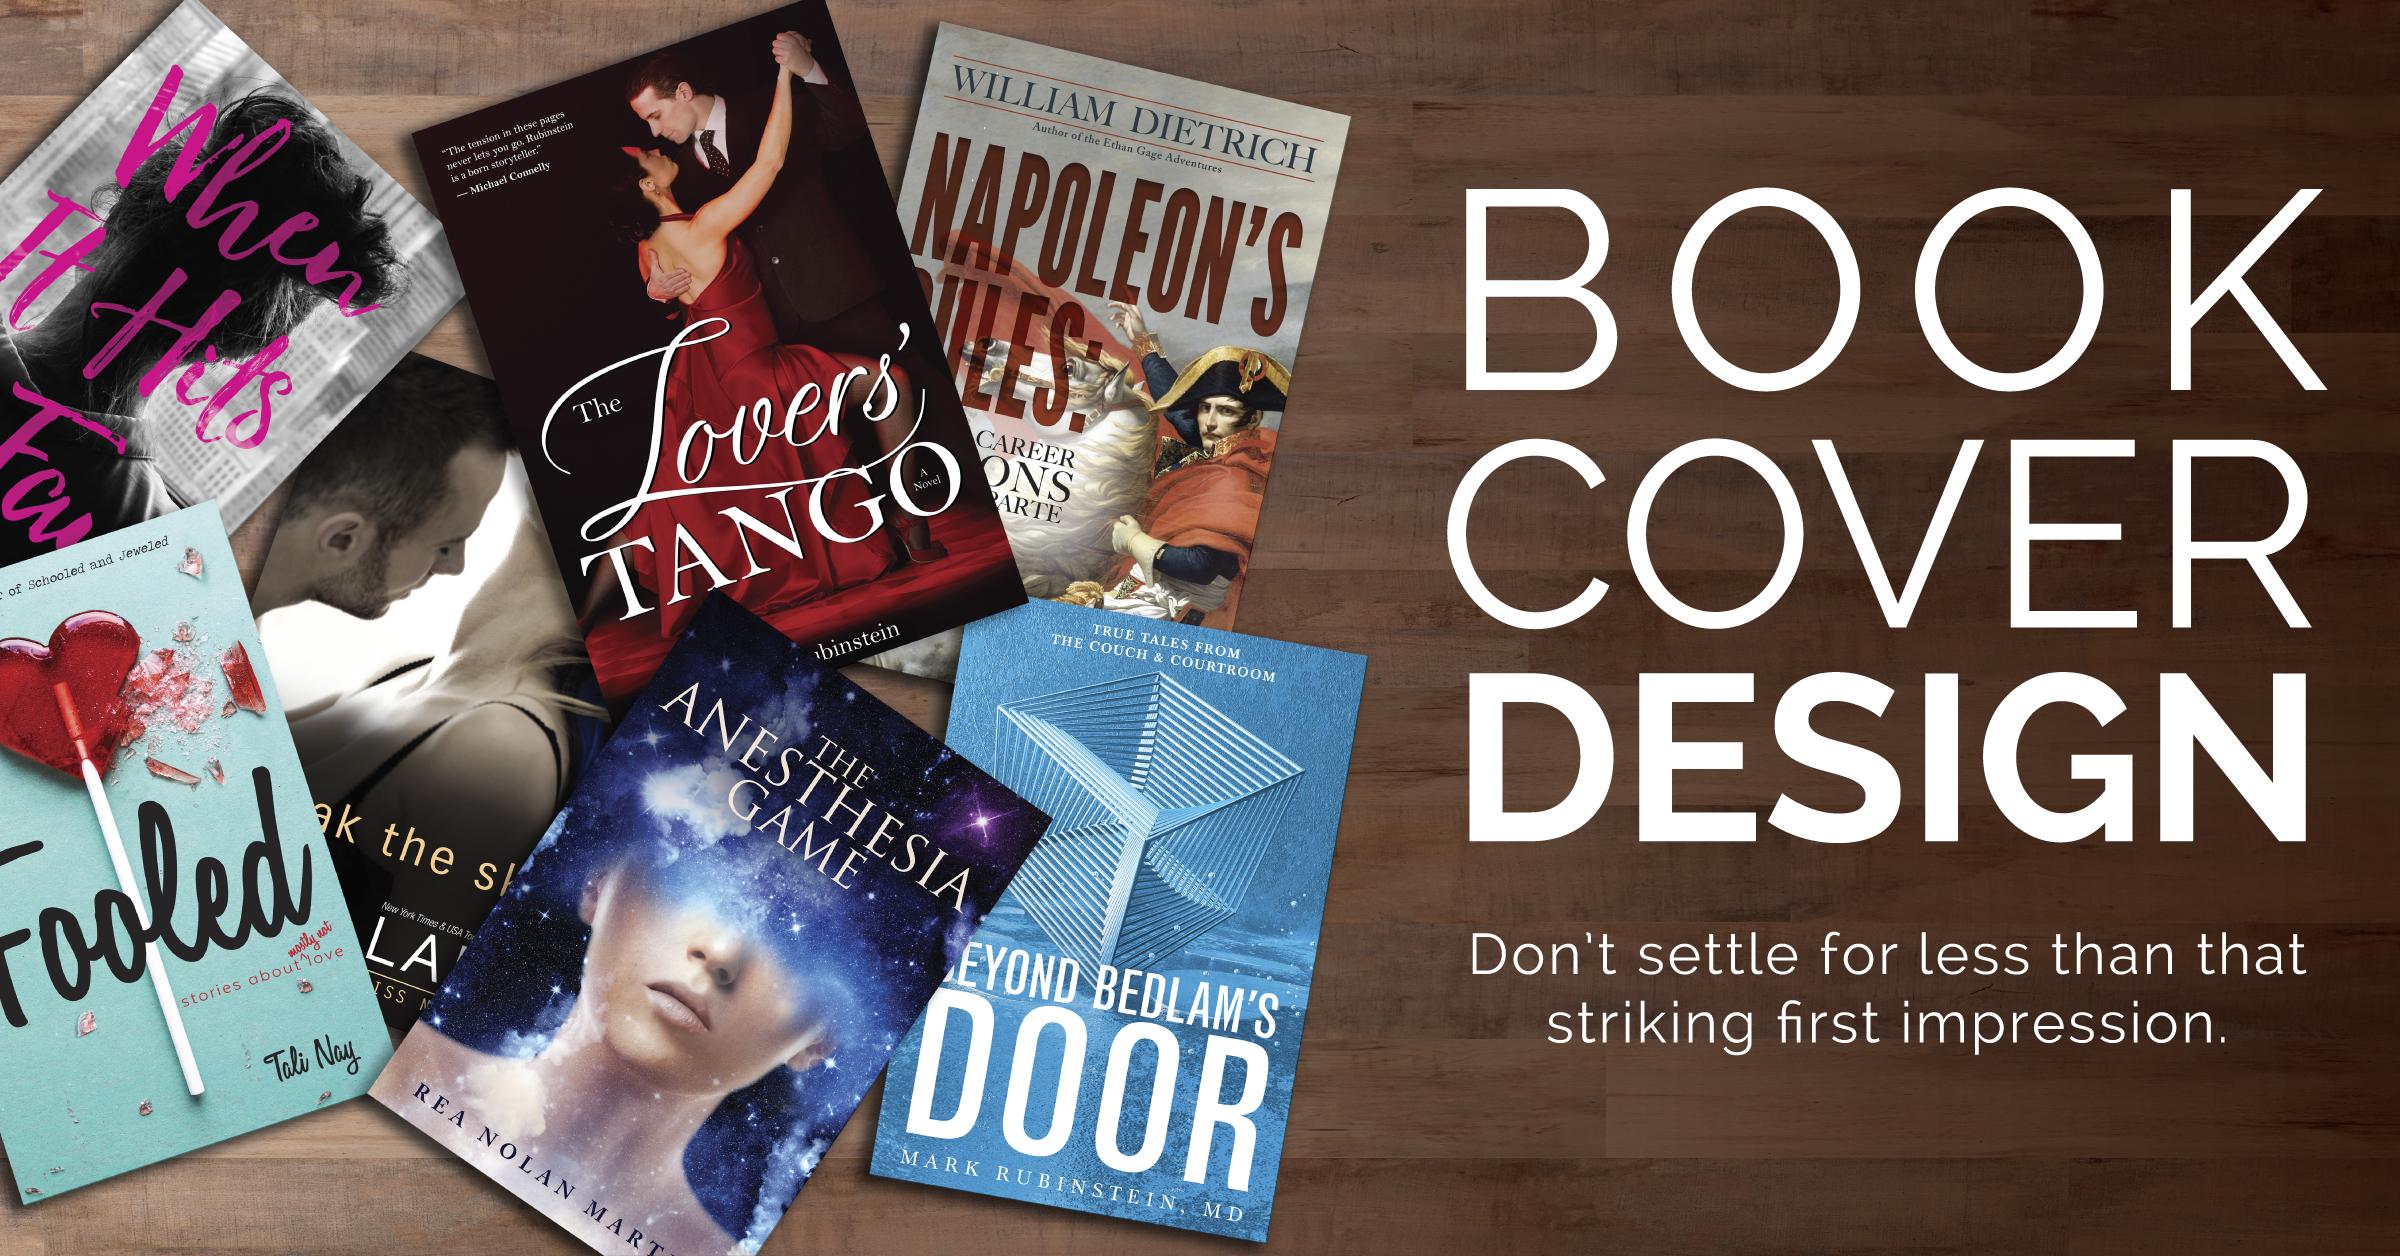 bookcoverdesign_2.jpg